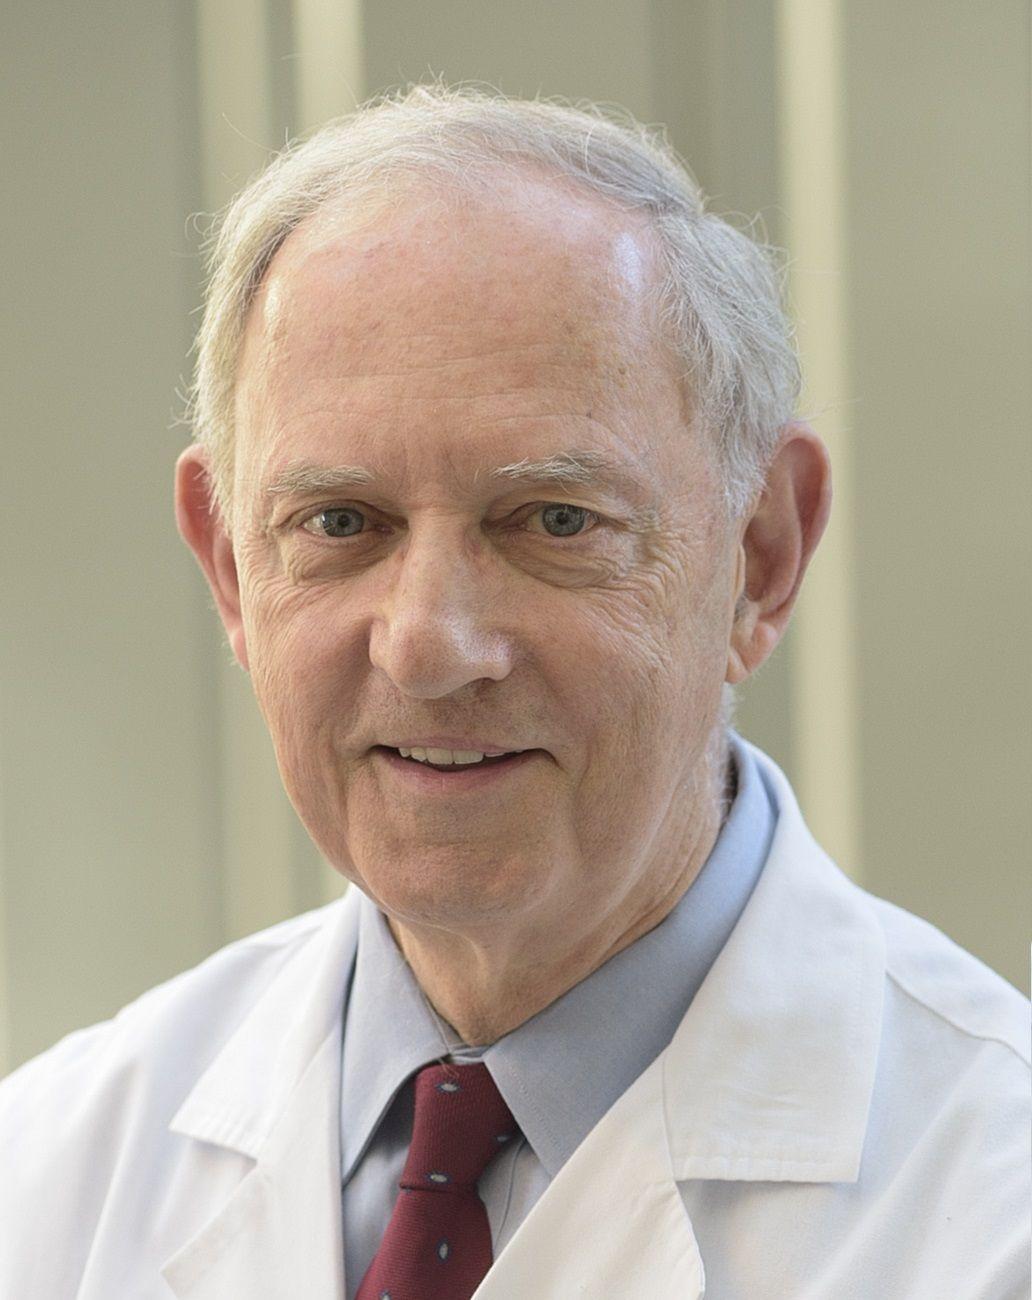 Copy of Robert Bonow (JAMA Cardiology, USA)